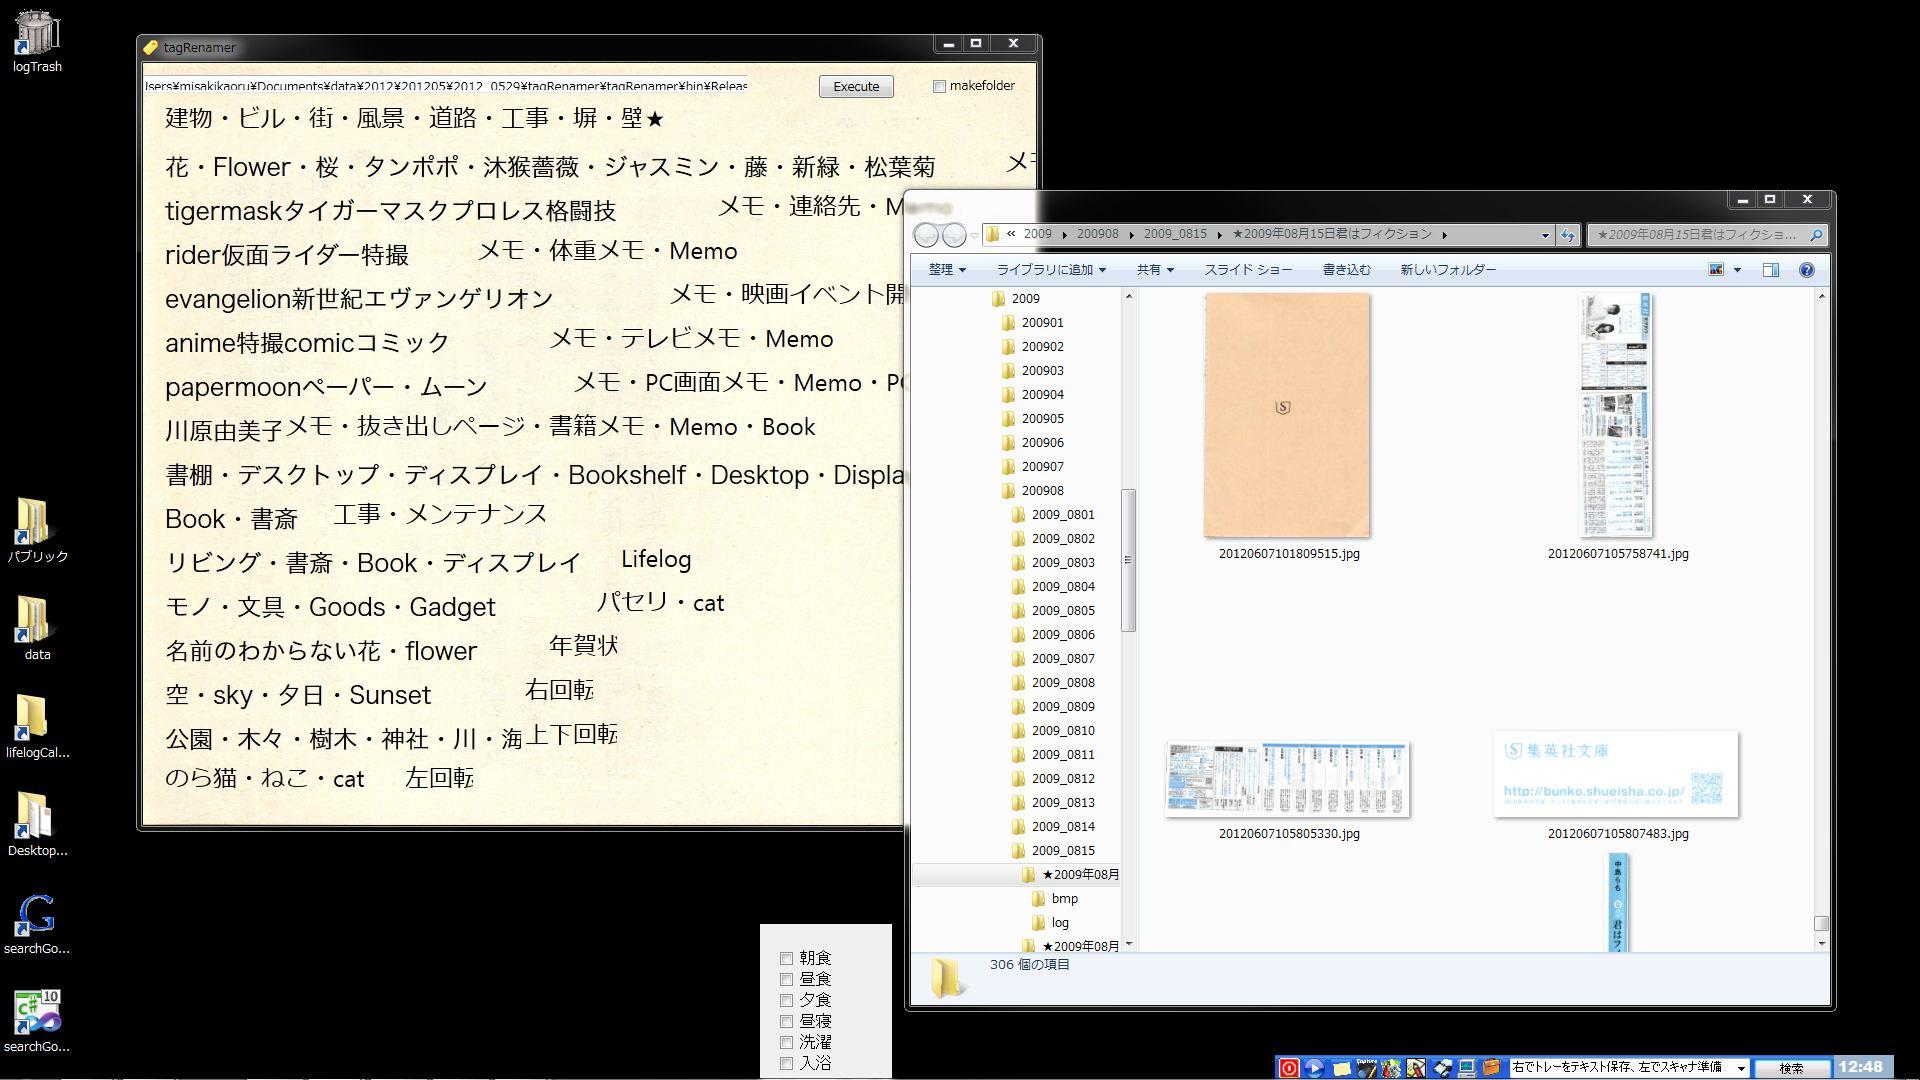 120607_misakikaoru_2012_0607_1251_54.jpg